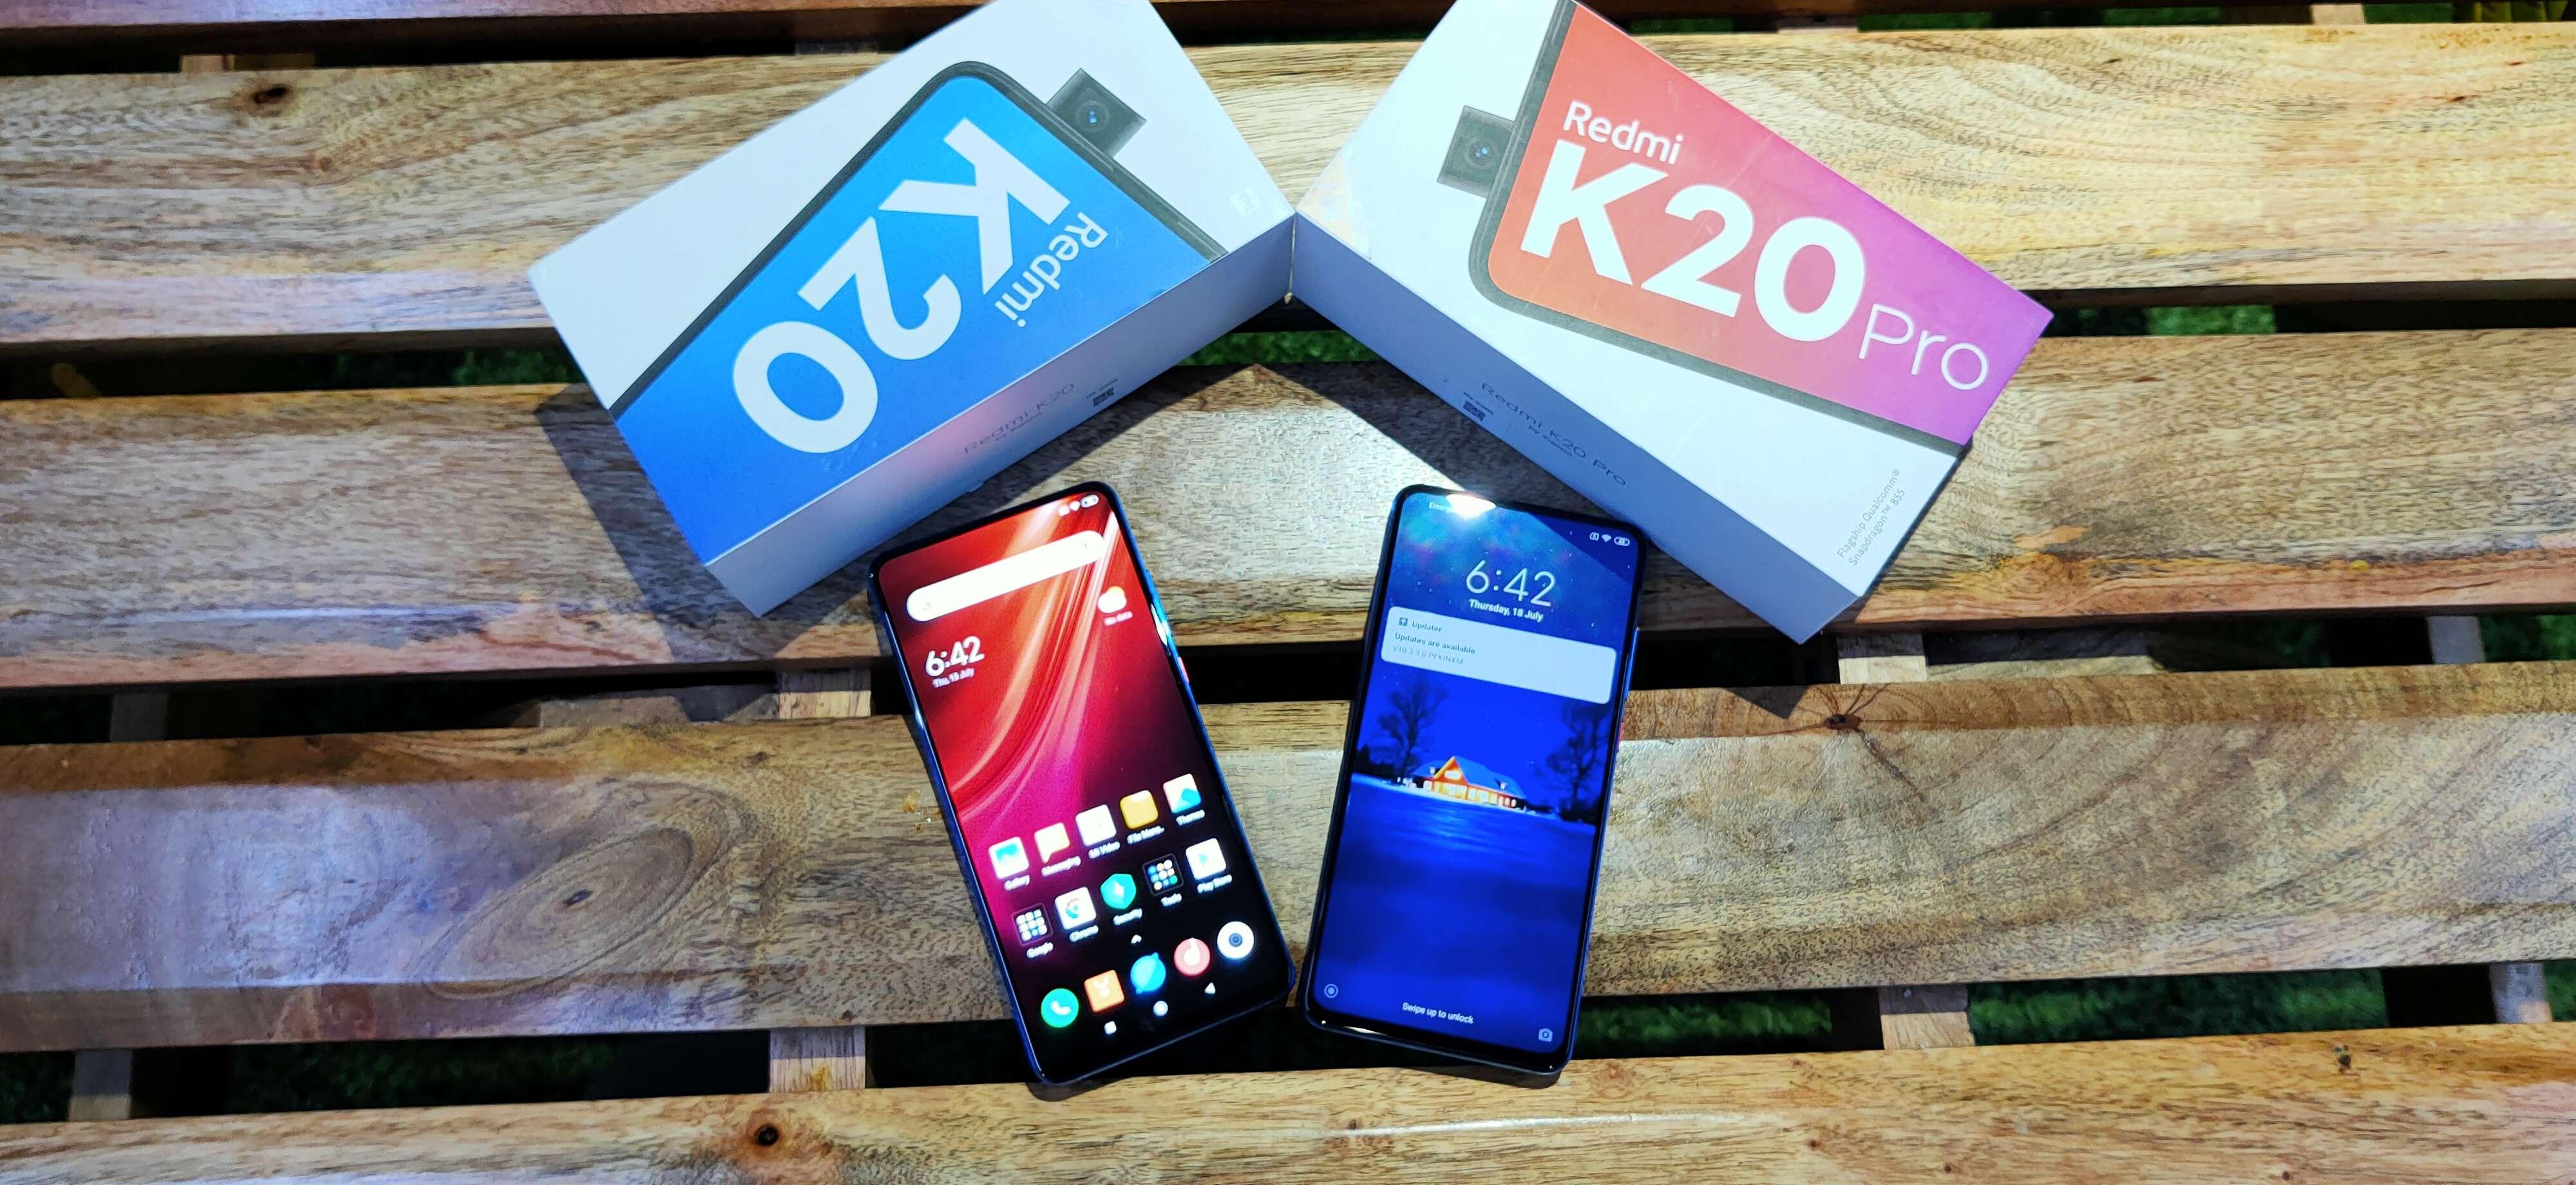 Redmi K20 Vs K20 Pro Xiaomi Redmi K20 Pro Vs Xiaomi Redmi K20